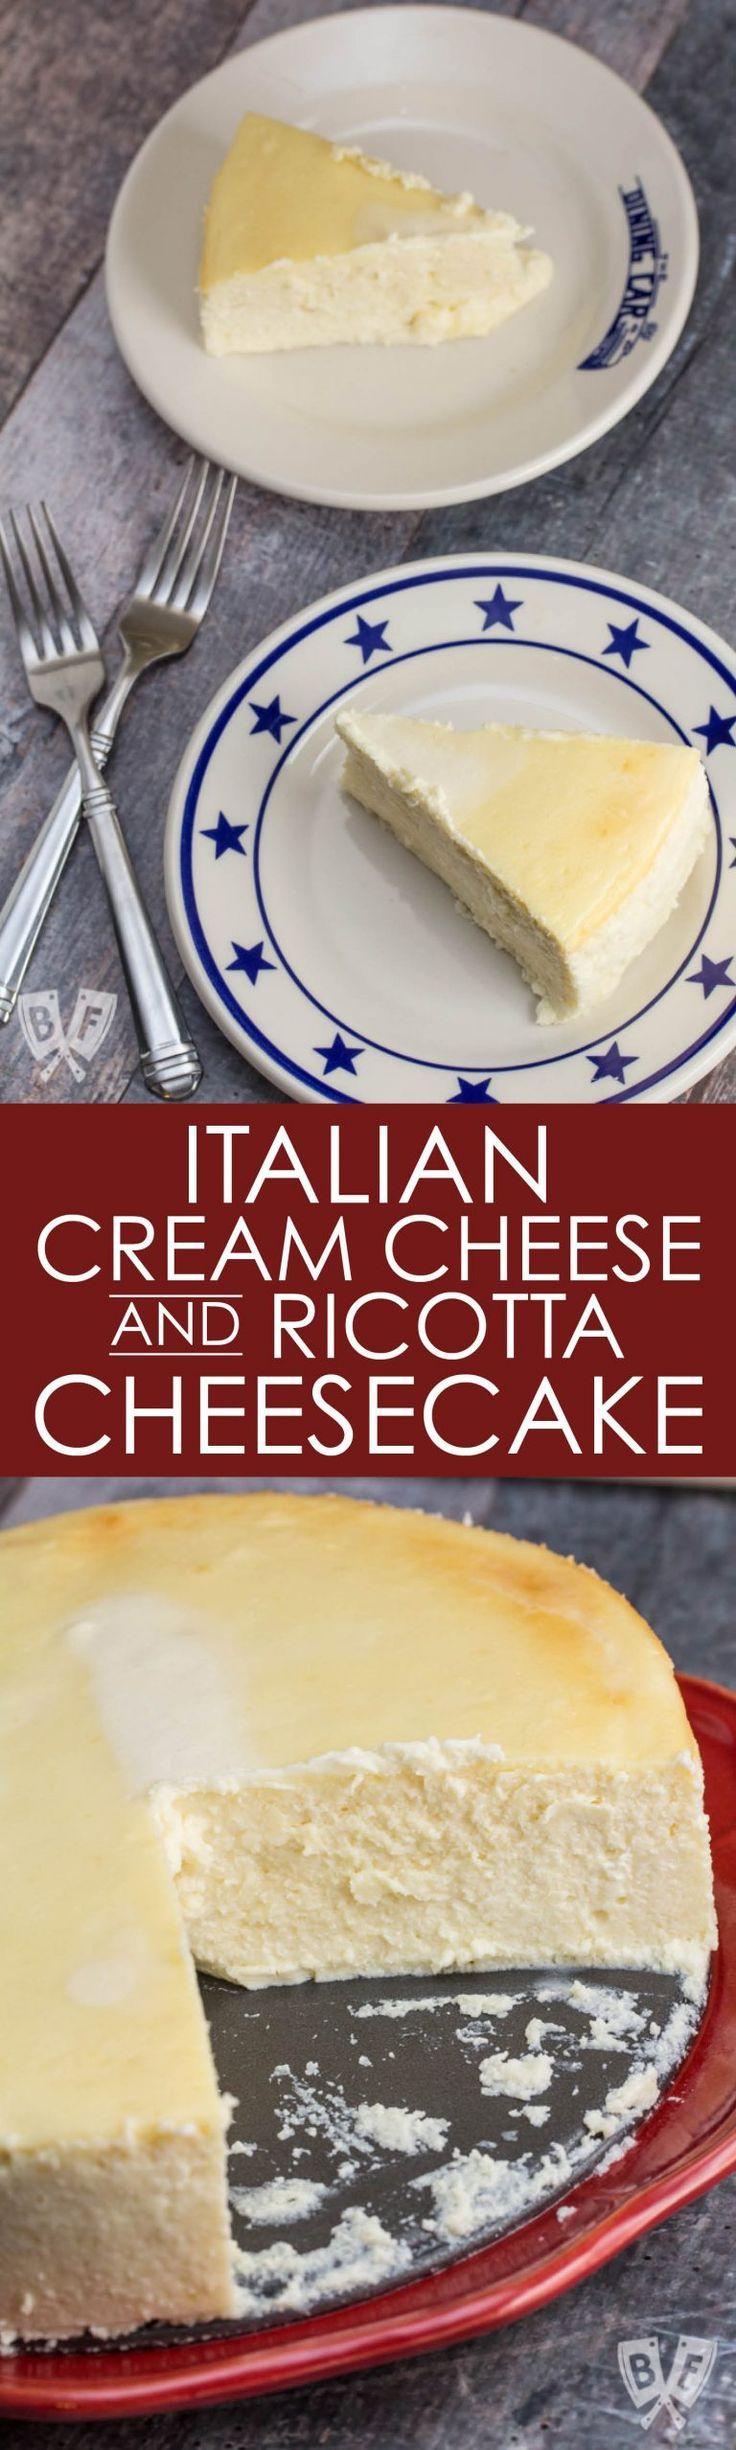 Italian Cream Cheese and Ricotta Cheesecake - Tammy Cotter